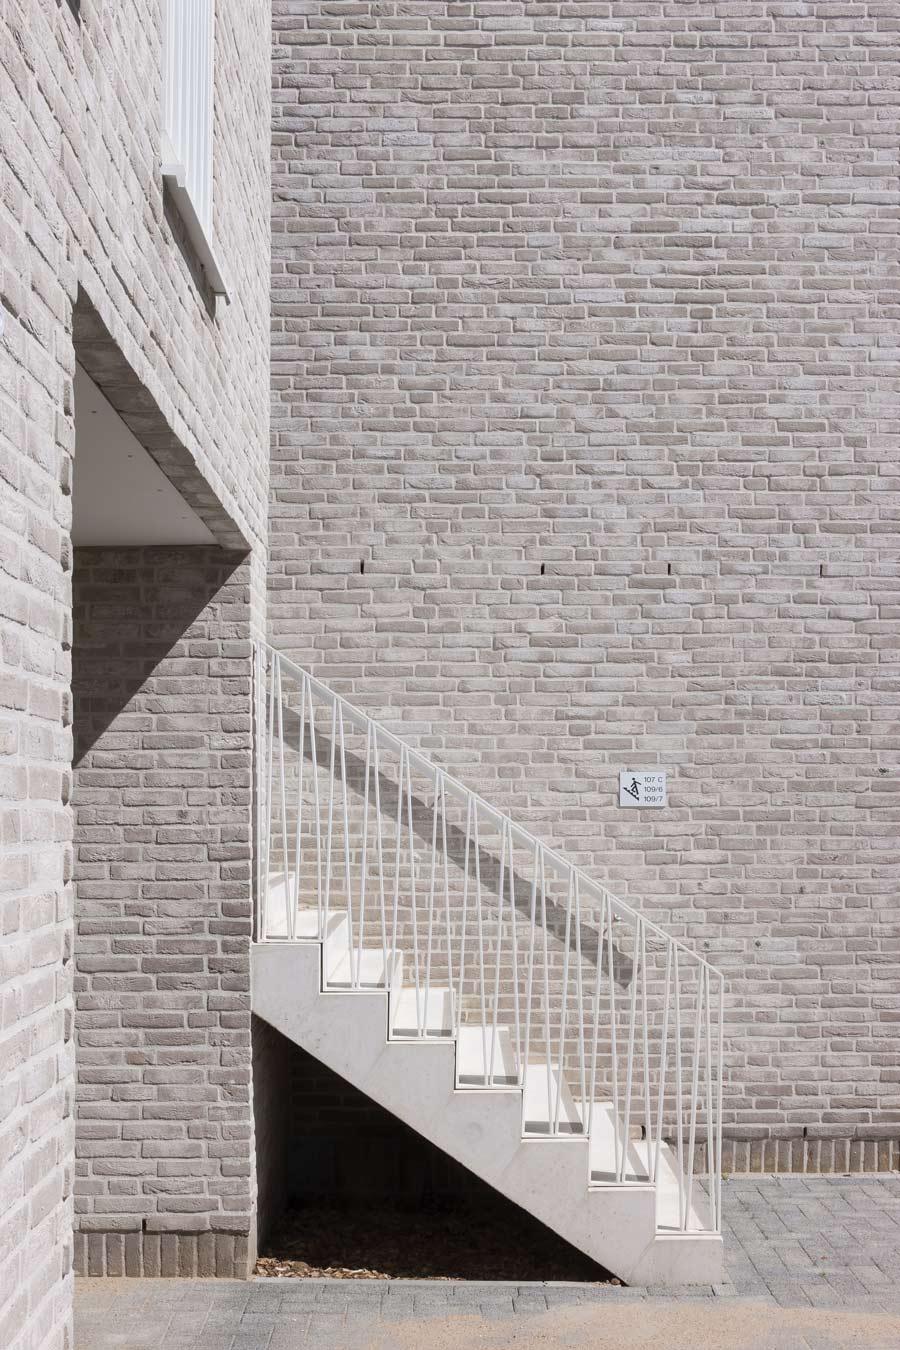 focus-archi-magazine-architecture-DeRobianostraat-Borsbeek_72dpi-8.jpg